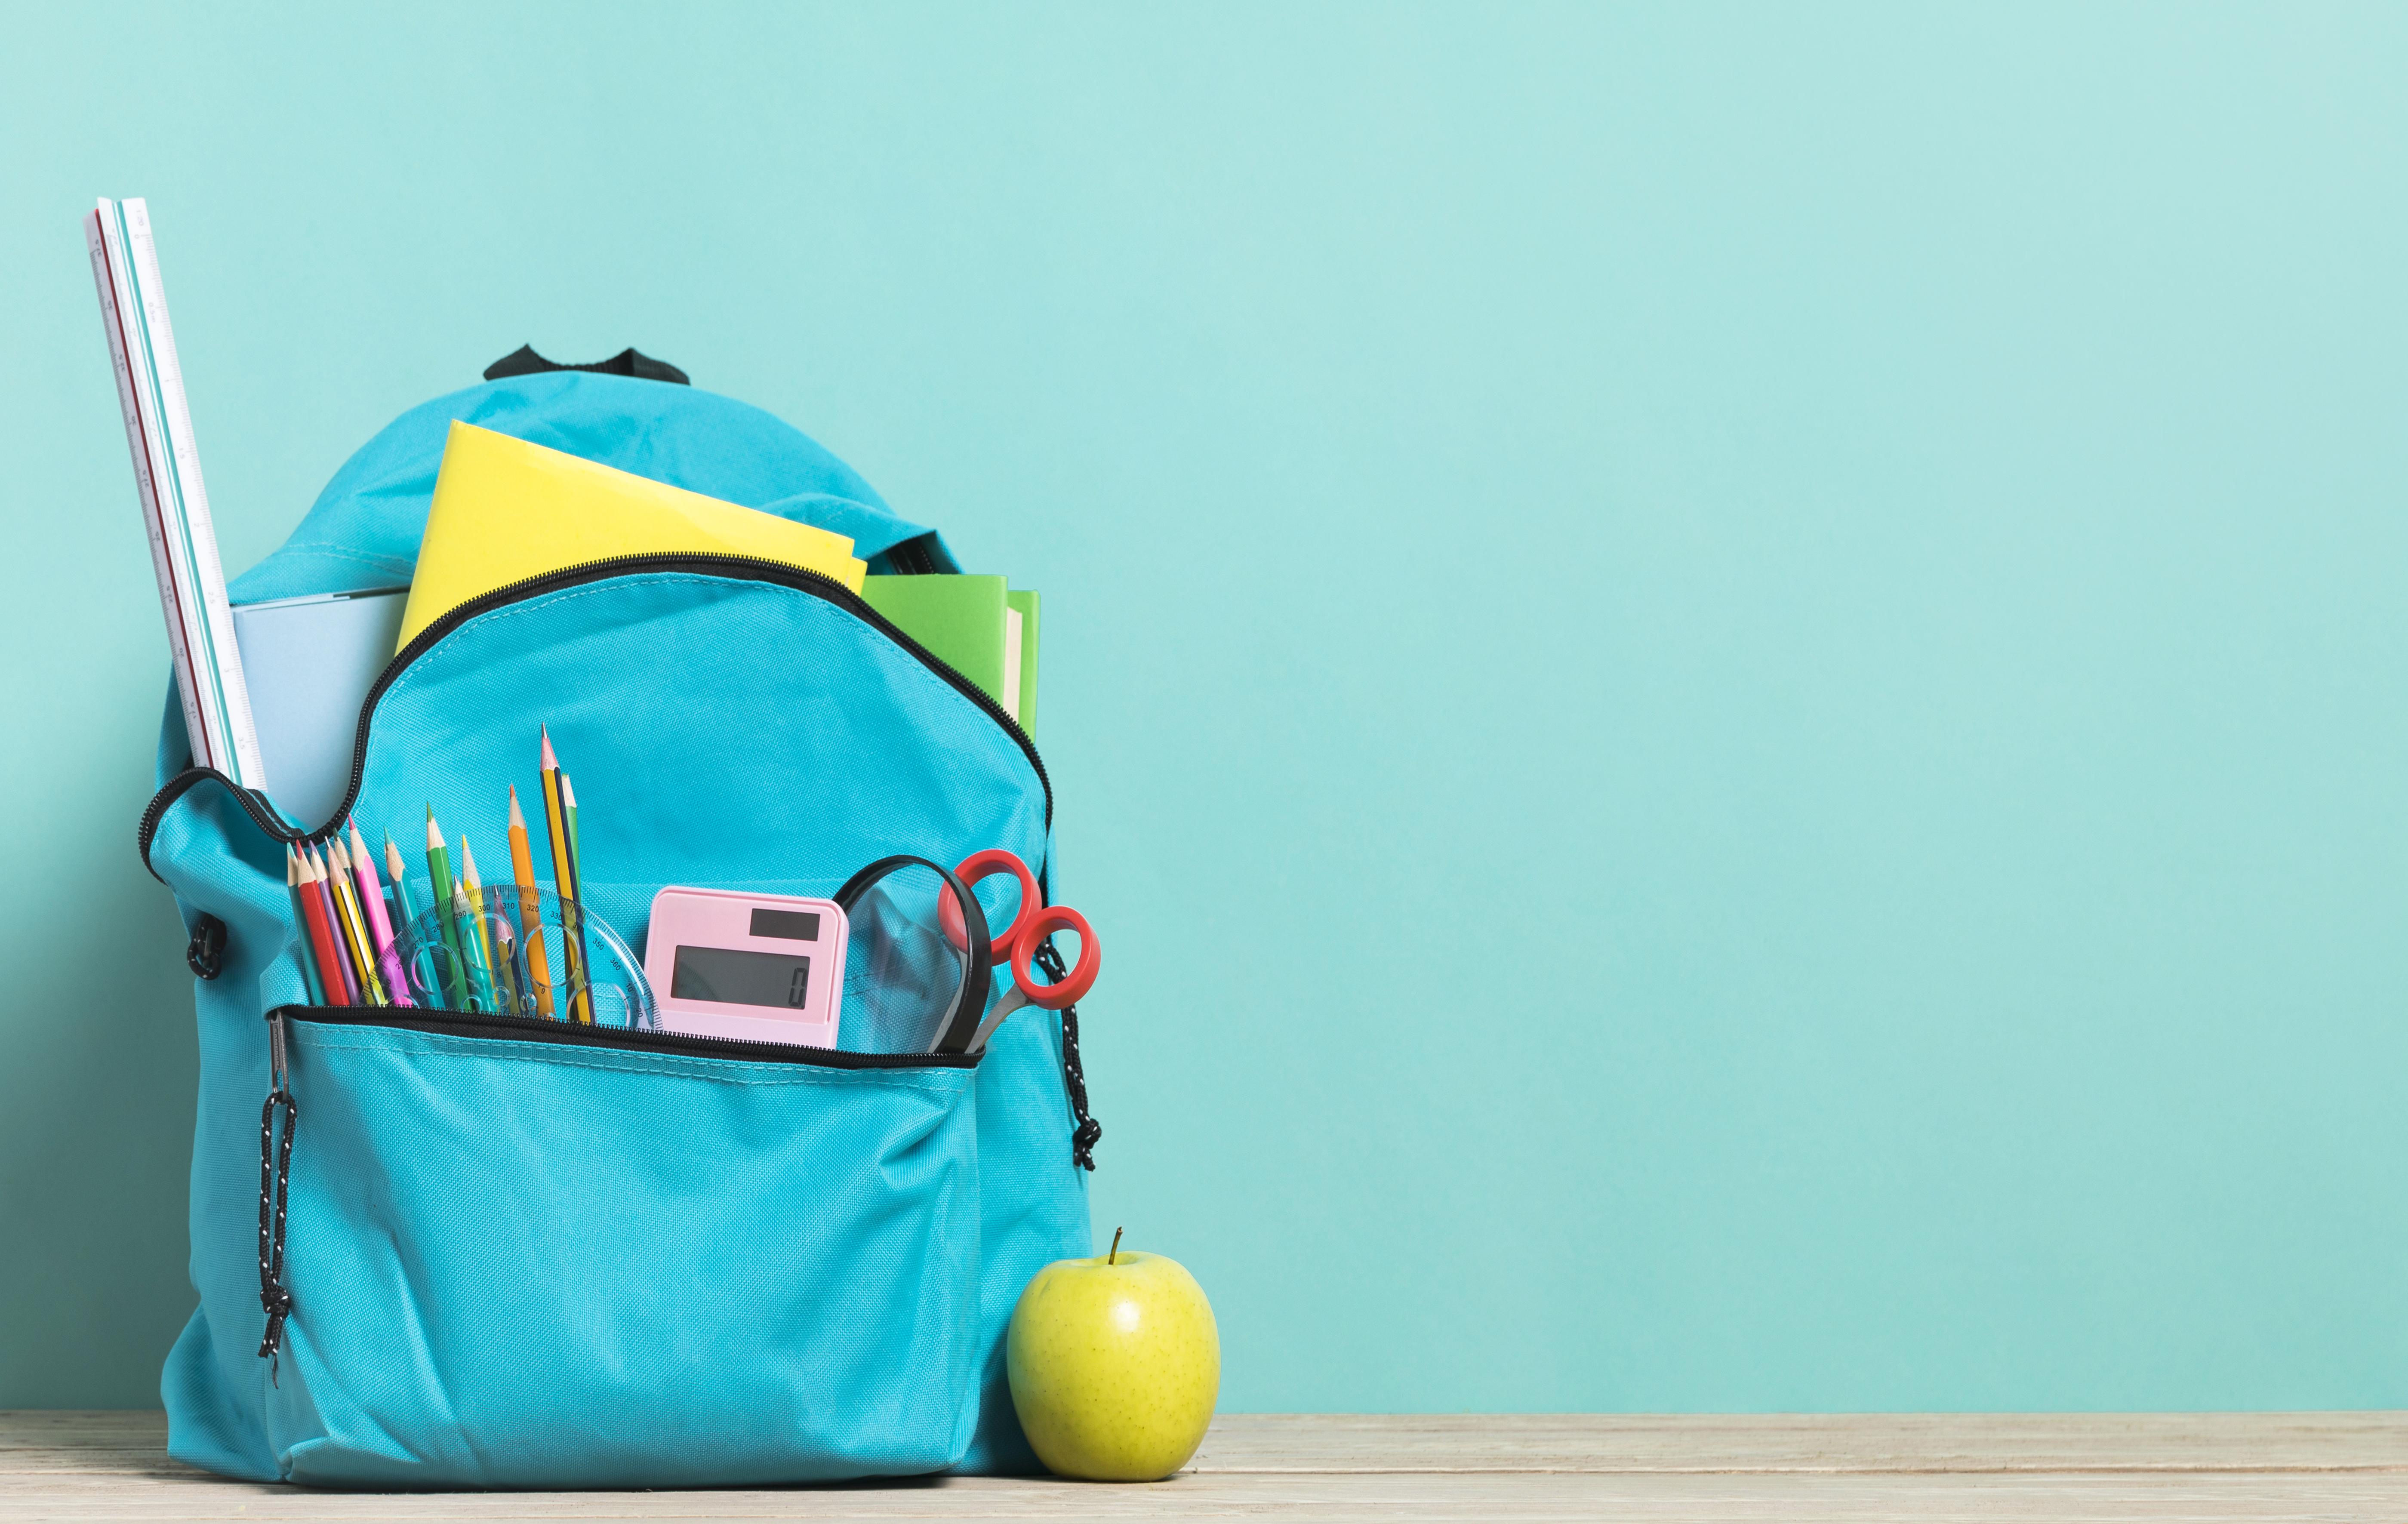 Alegerea potrivită a ghiozdanului pentru BACK TO SCHOOL